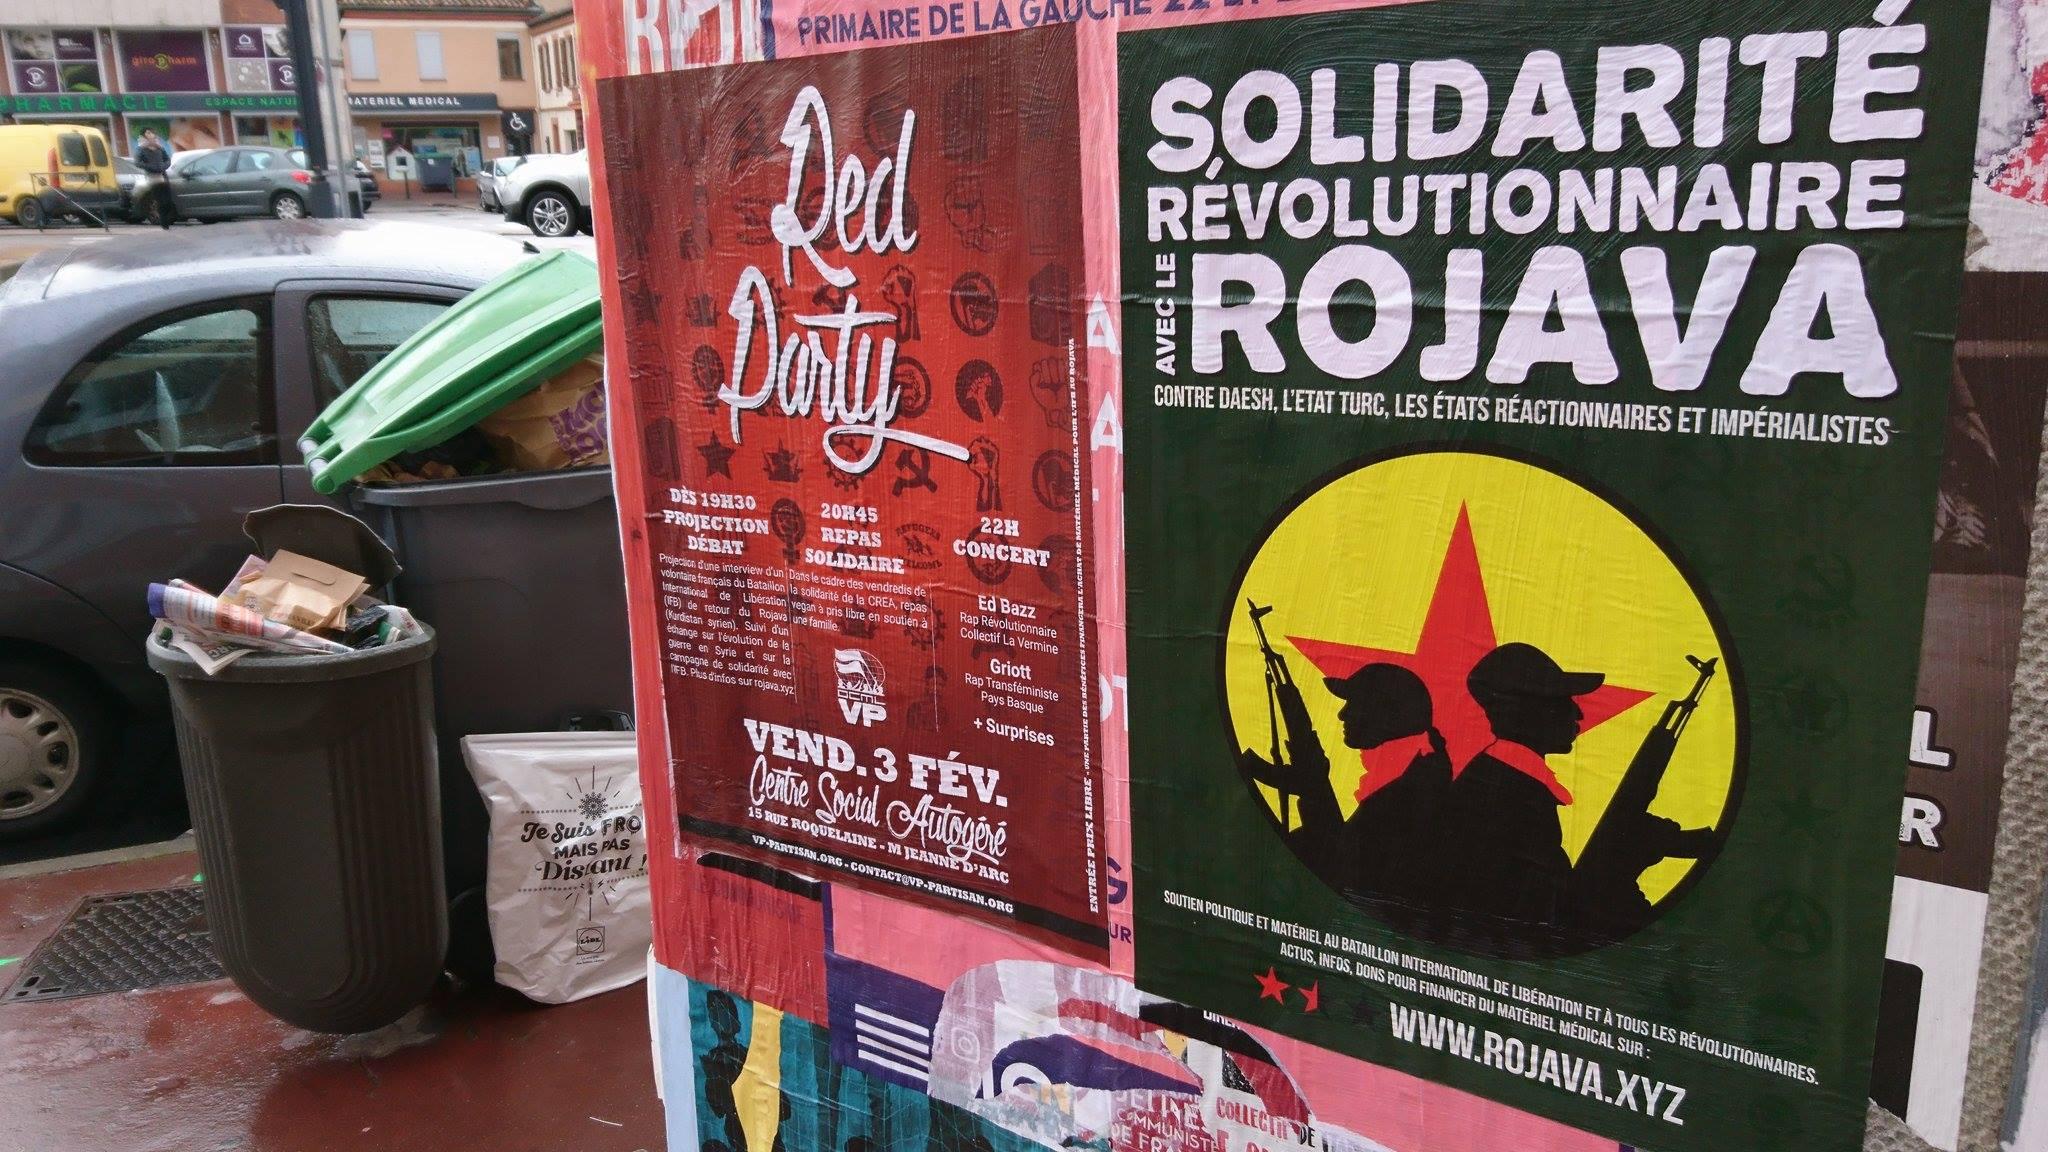 Soirée de solidarité avec le Bataillon International de Libération